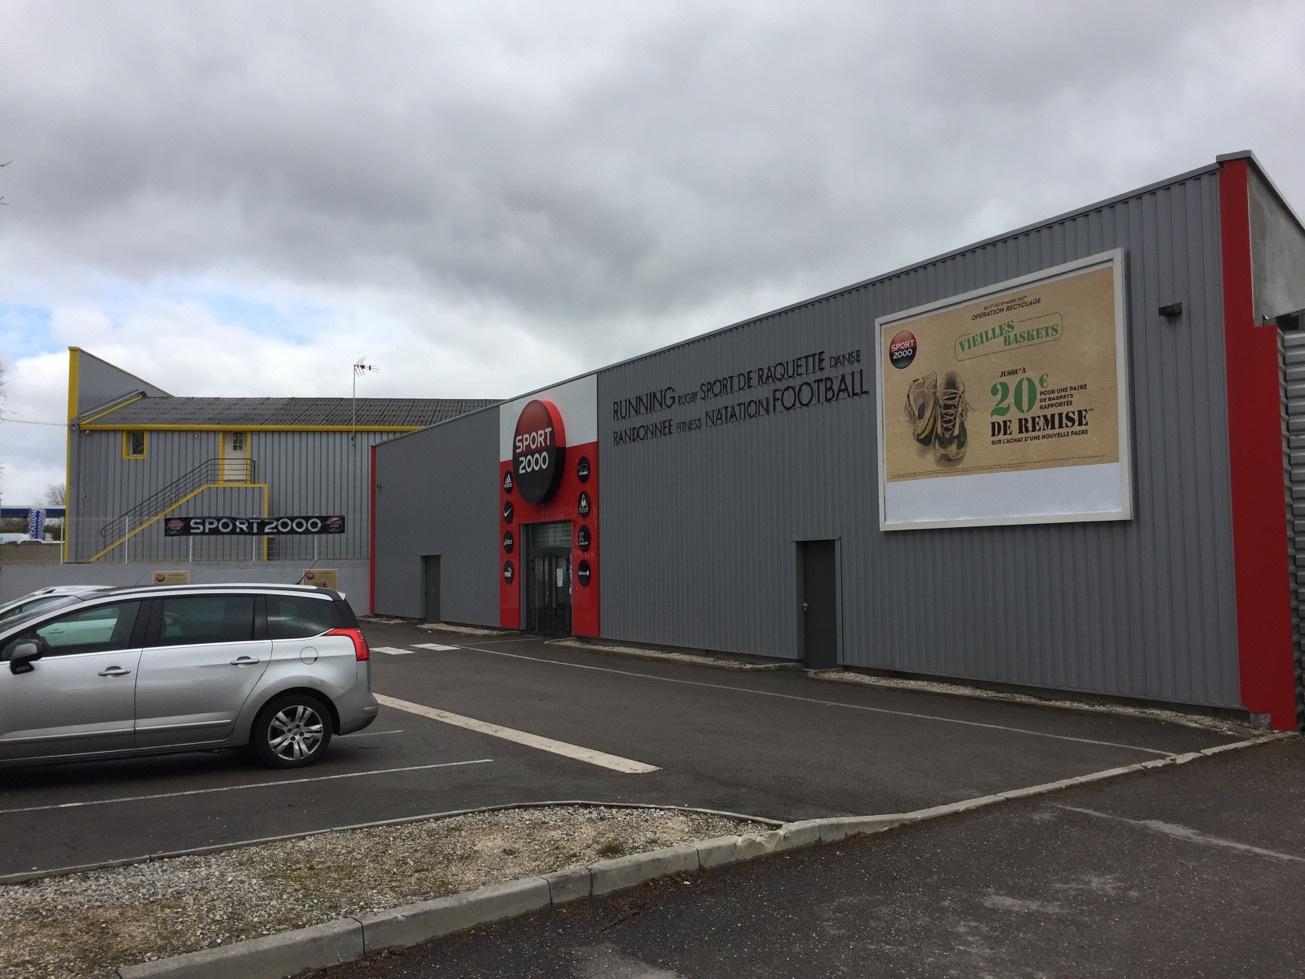 Vente Immobilier Professionnel Murs commerciaux Is-sur-Tille (21120)